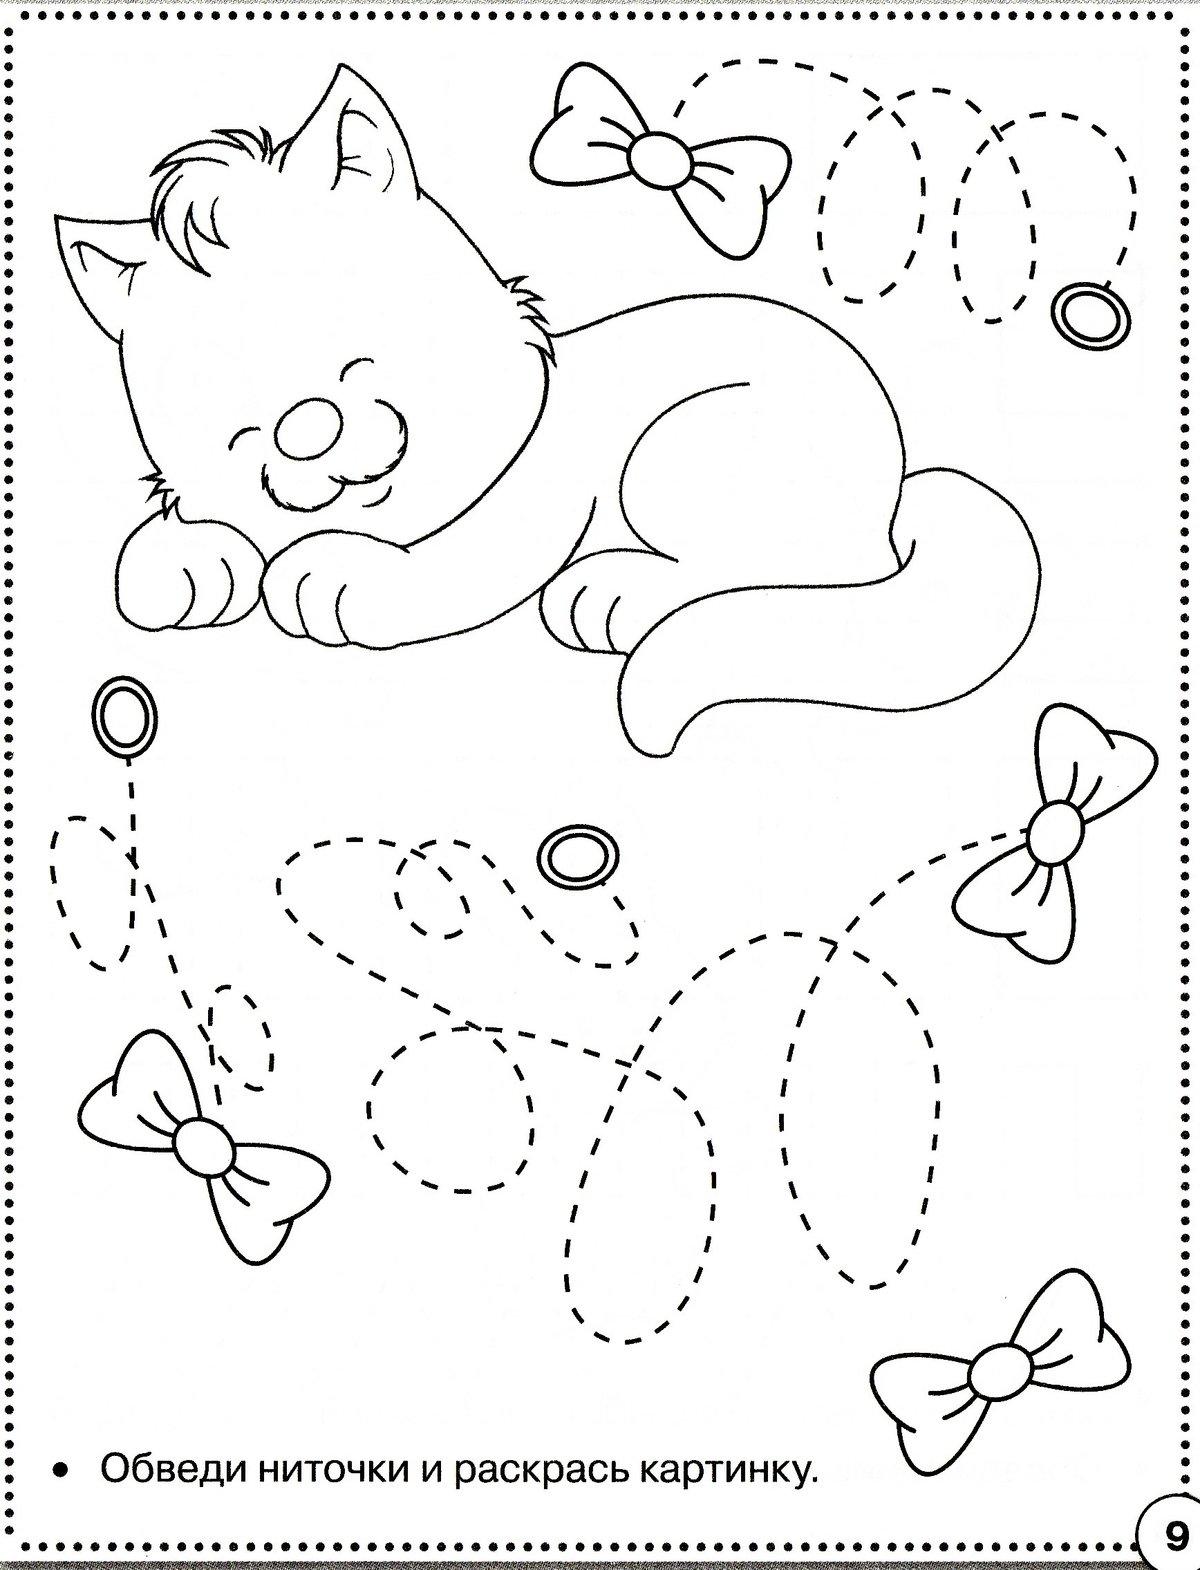 Картинки смешные, картинки для ребенка 1 года развивающие распечатать